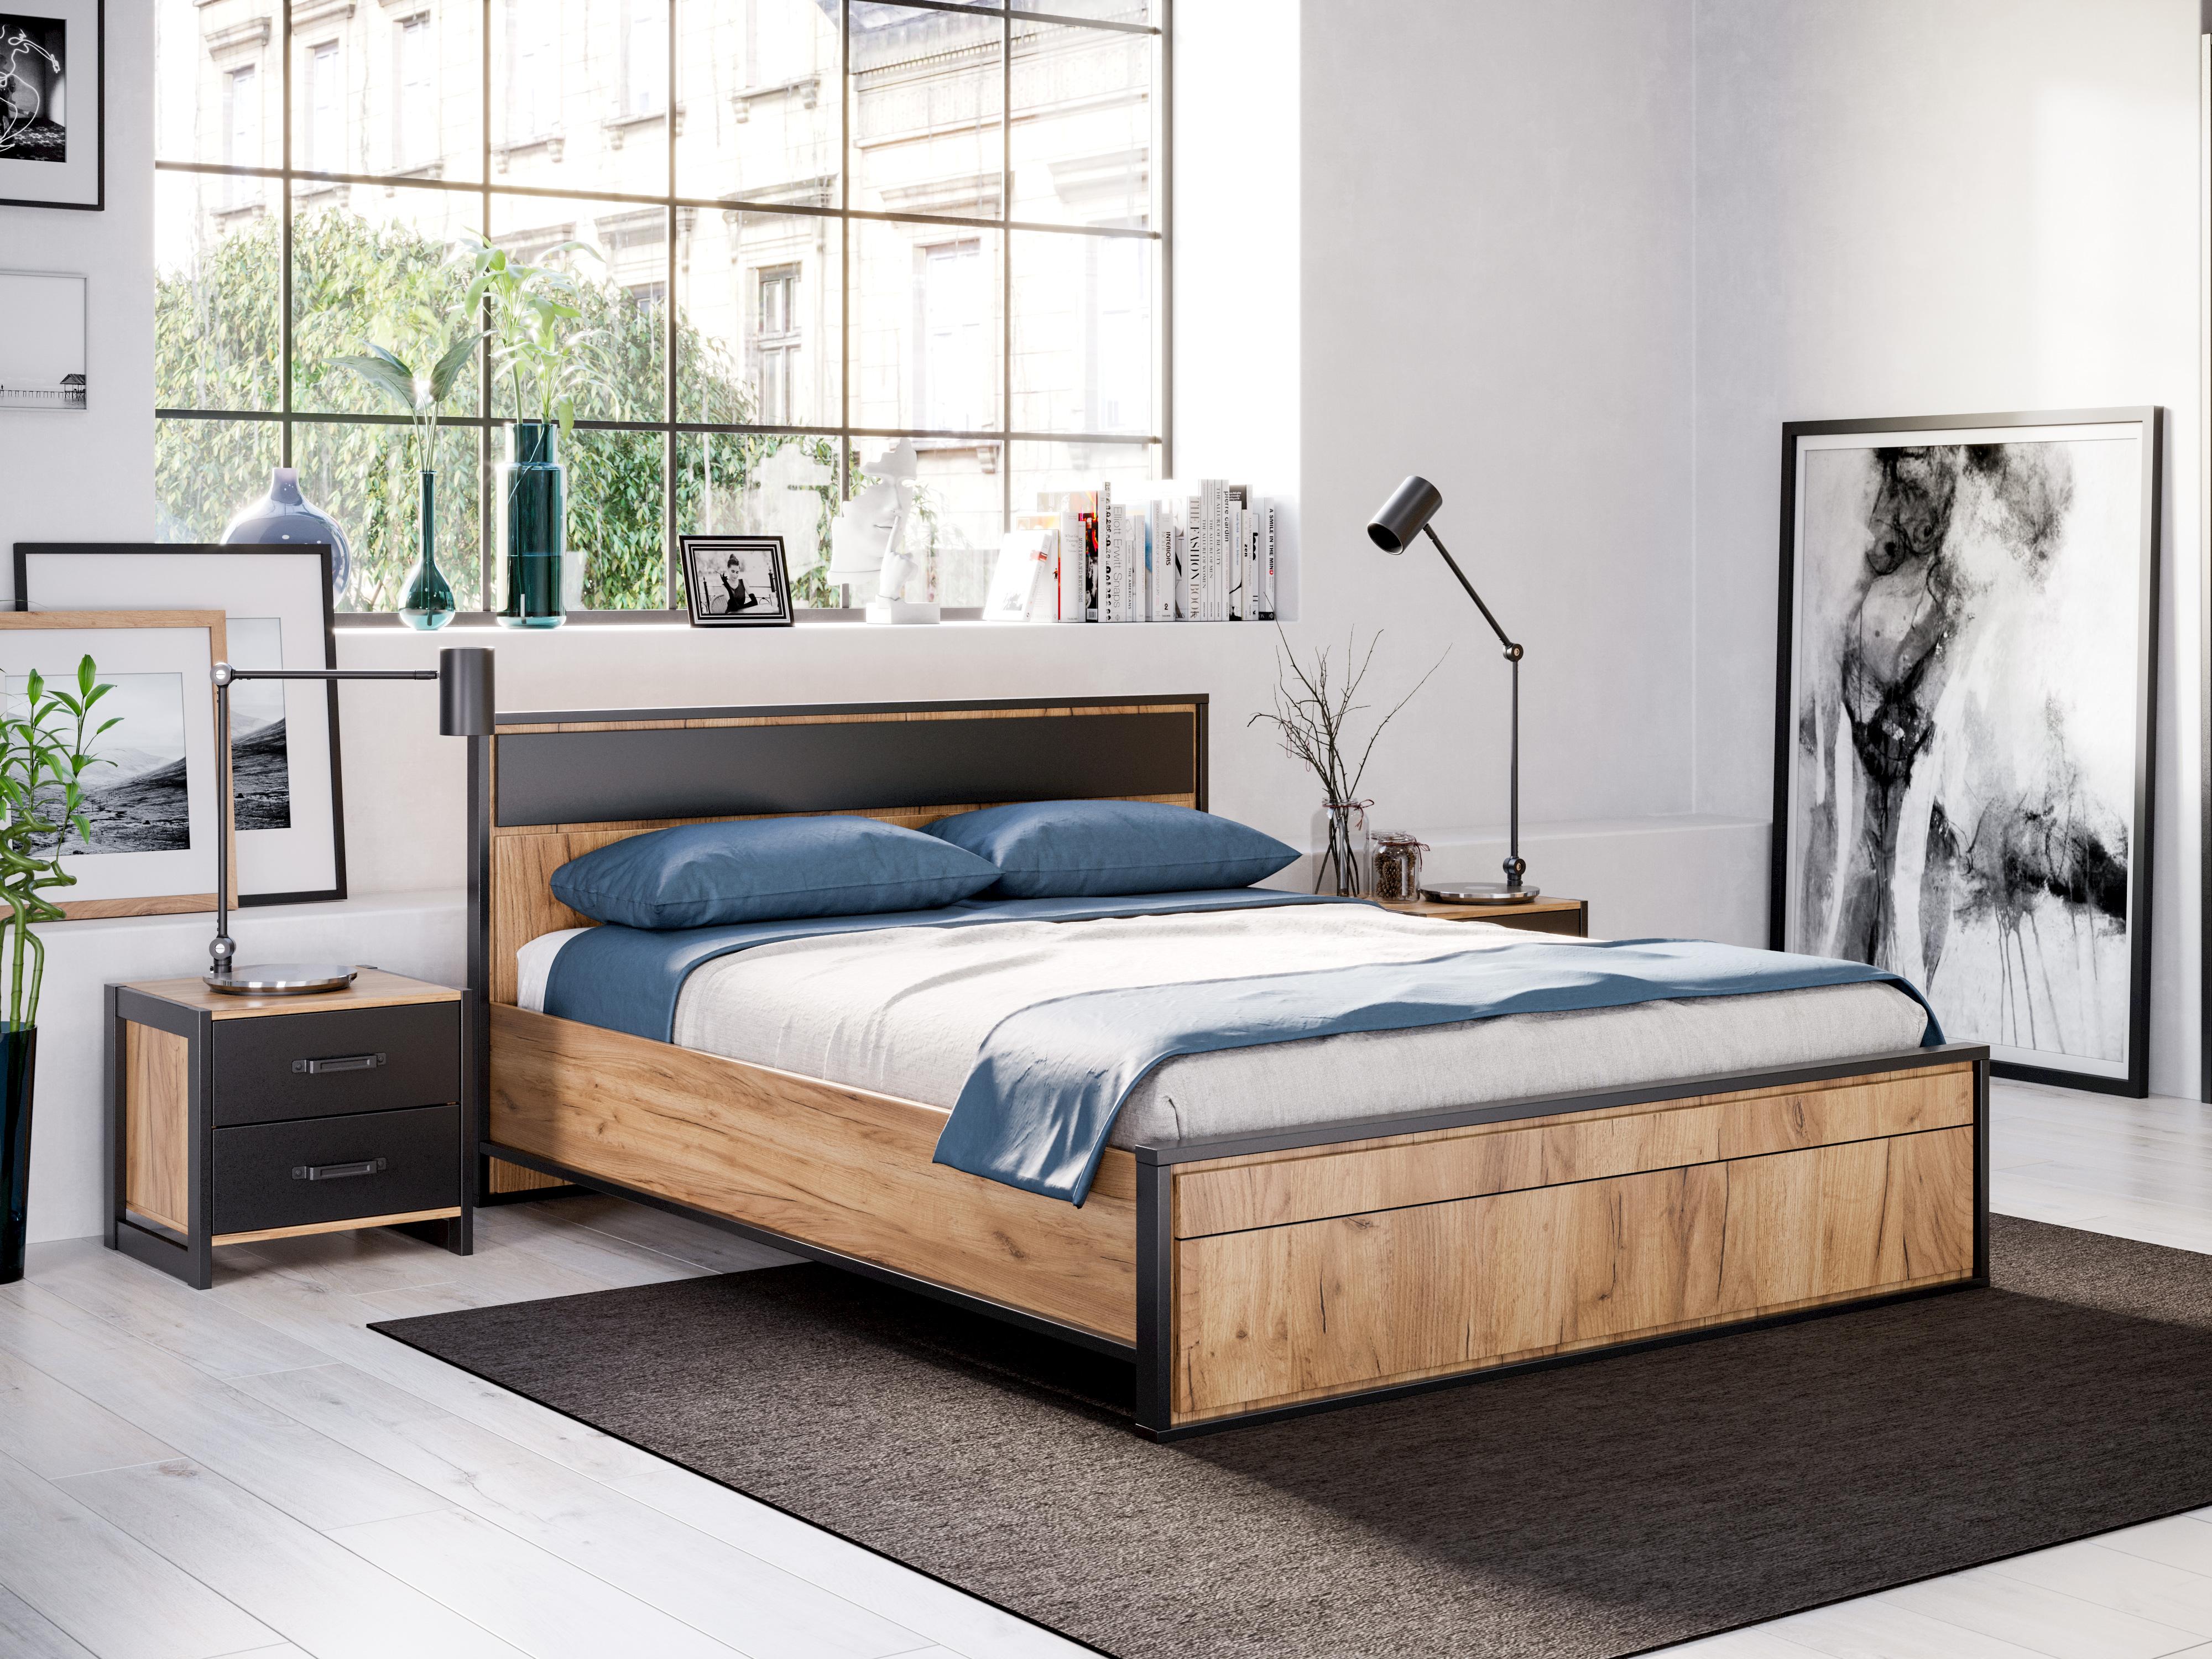 Lubidom Schlafzimmer Set Techno 5-teilig in Eiche